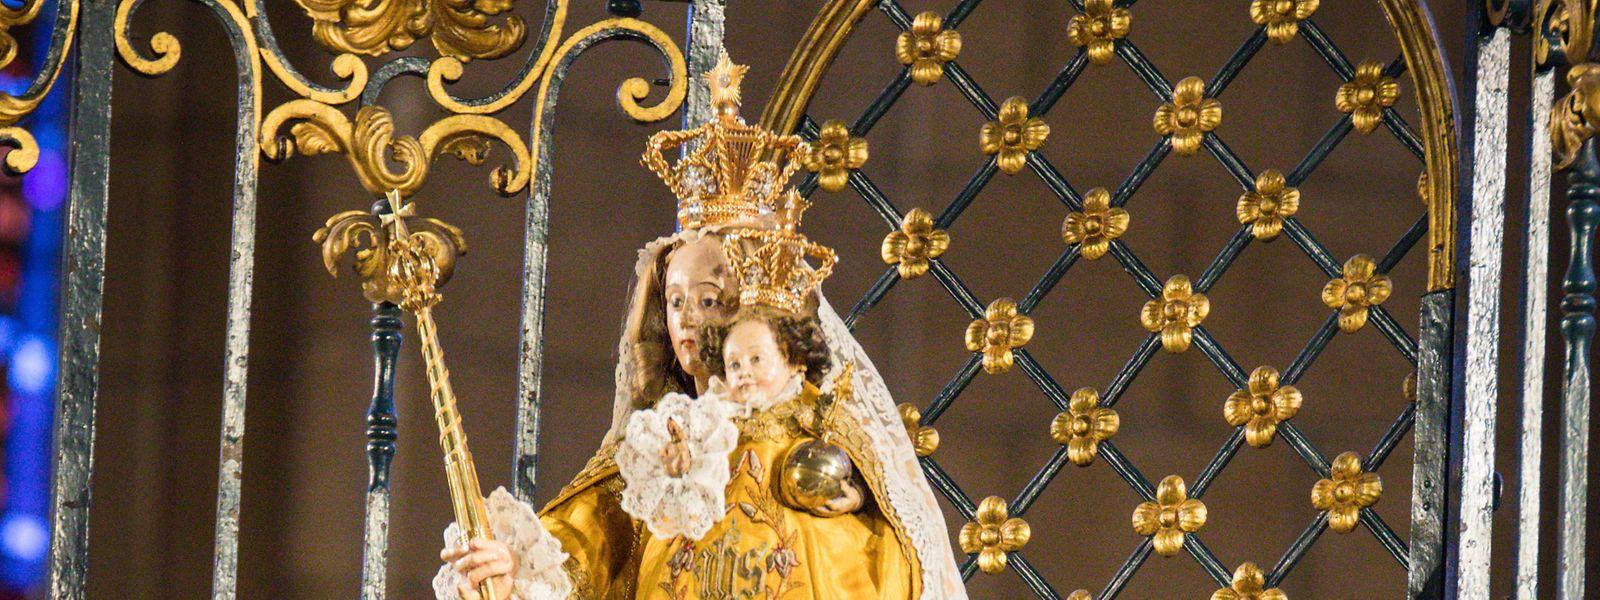 Die Veranstaltungen der Oktave 2020 fanden wegen der Corona-Pandemie in einer fast leeren Kathedrale statt.